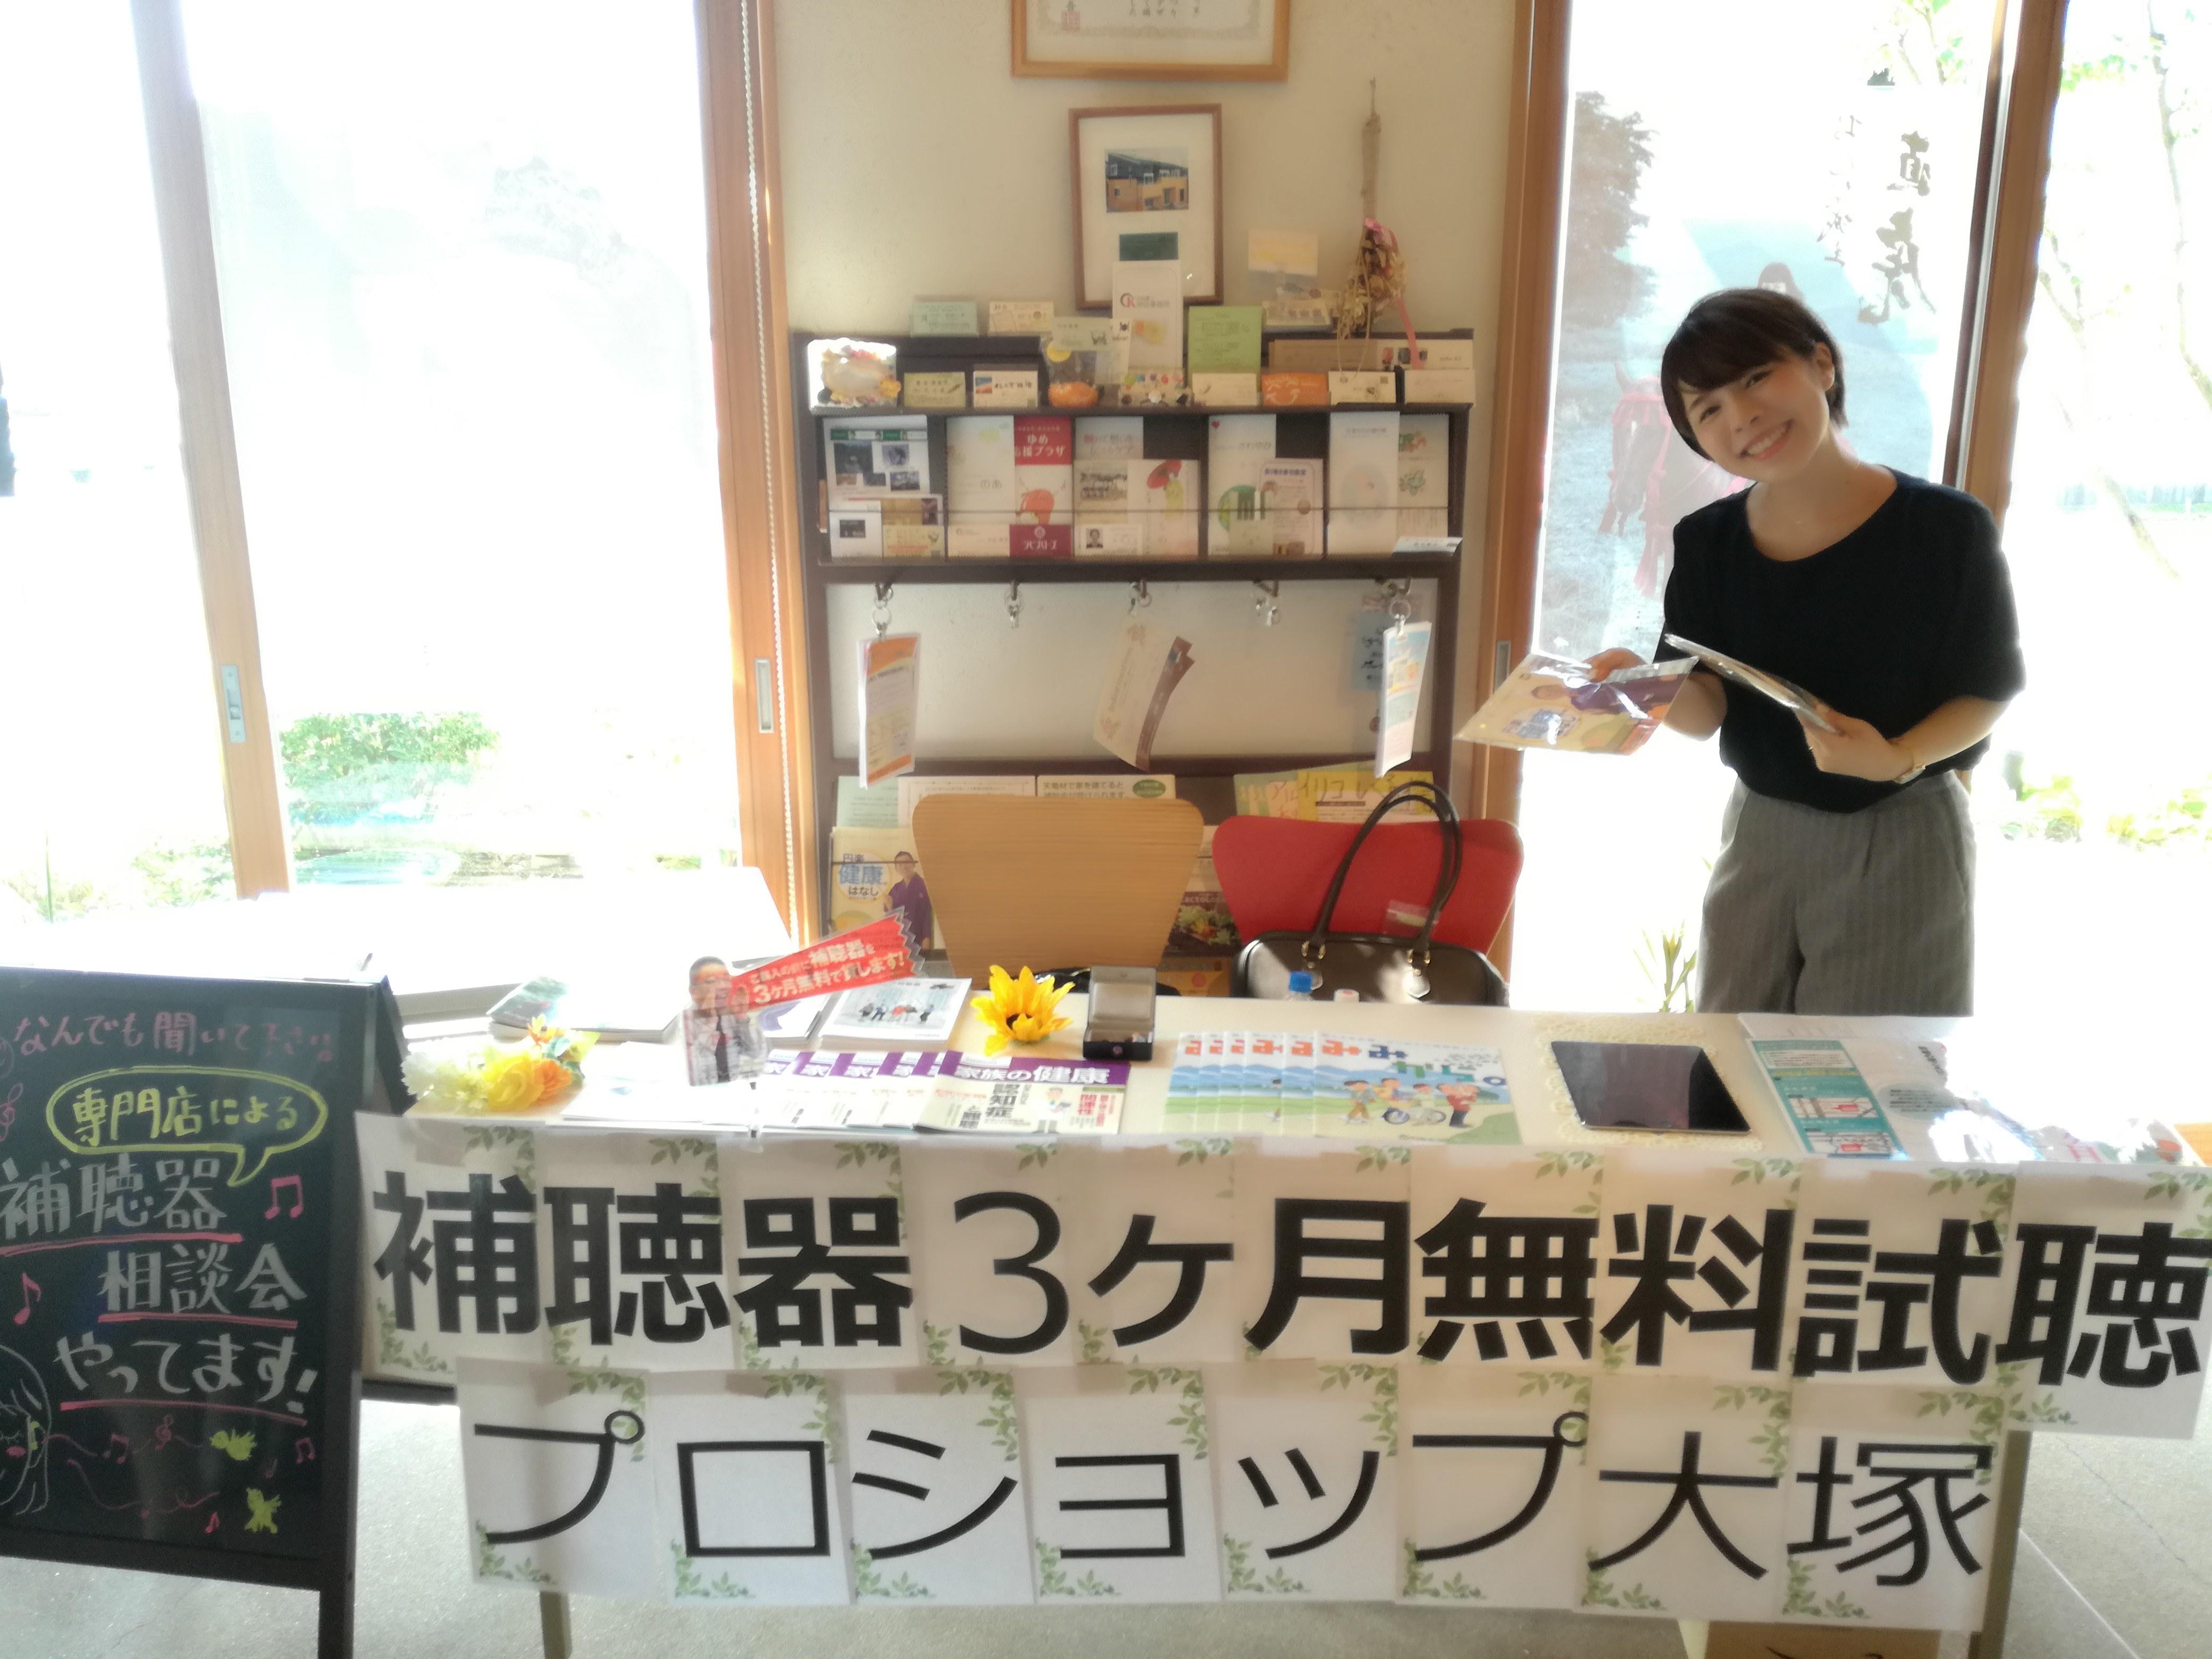 【磐田市の皆さまへ】補聴器相談会のお知らせ